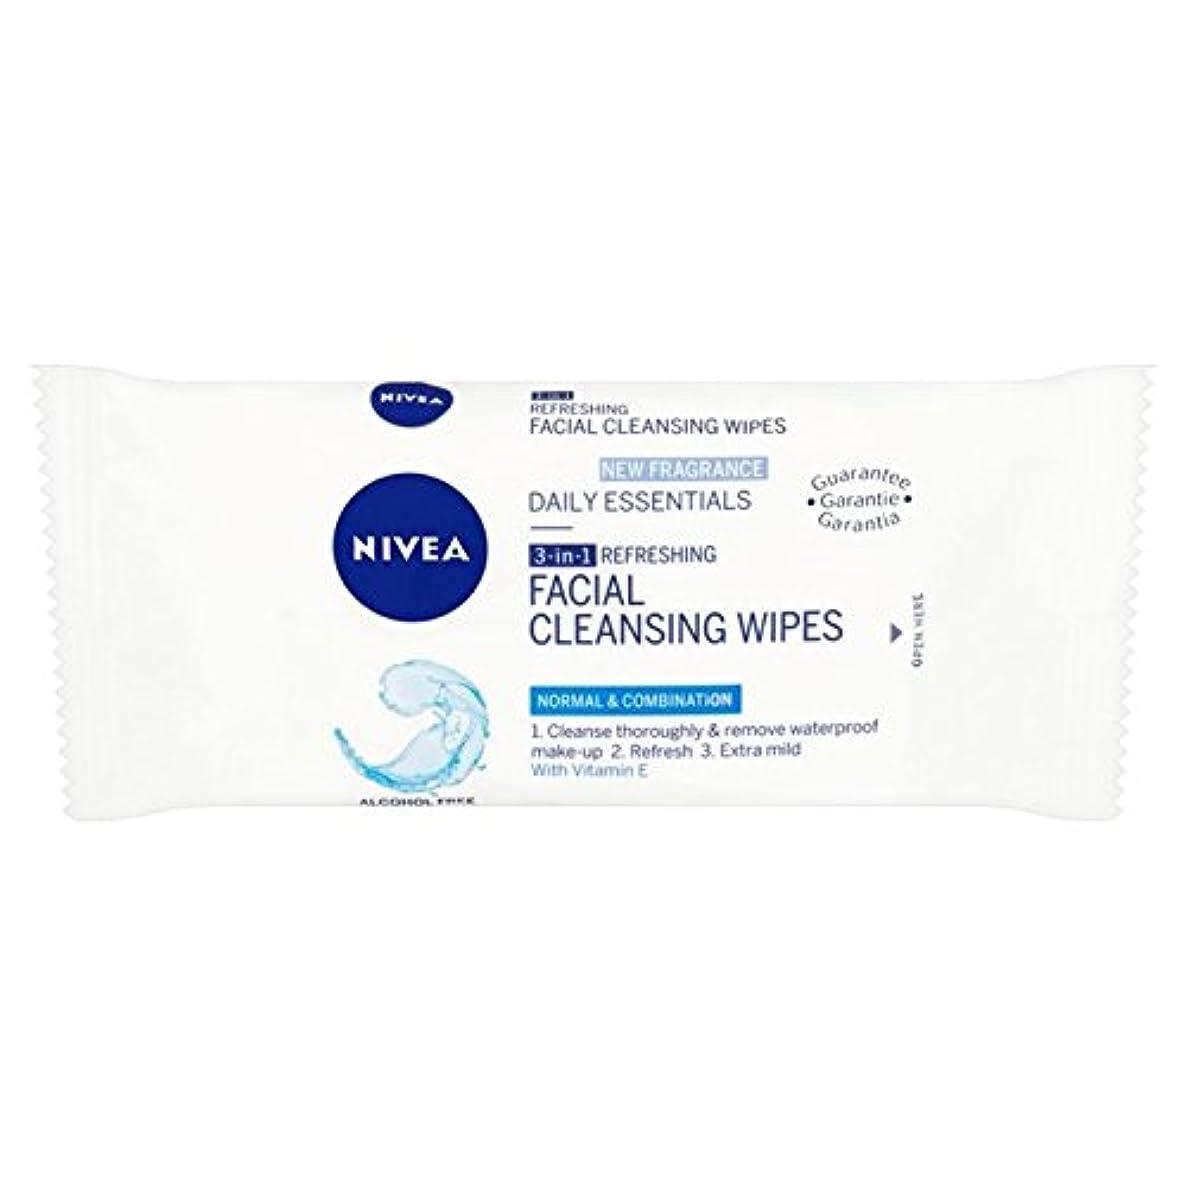 安全でないオペラソケットニベアミニ洗顔パックあたりの旅行パック7ワイプ x4 - Nivea Mini Facial Cleansing Wipes Travel Pack 7 per pack (Pack of 4) [並行輸入品]